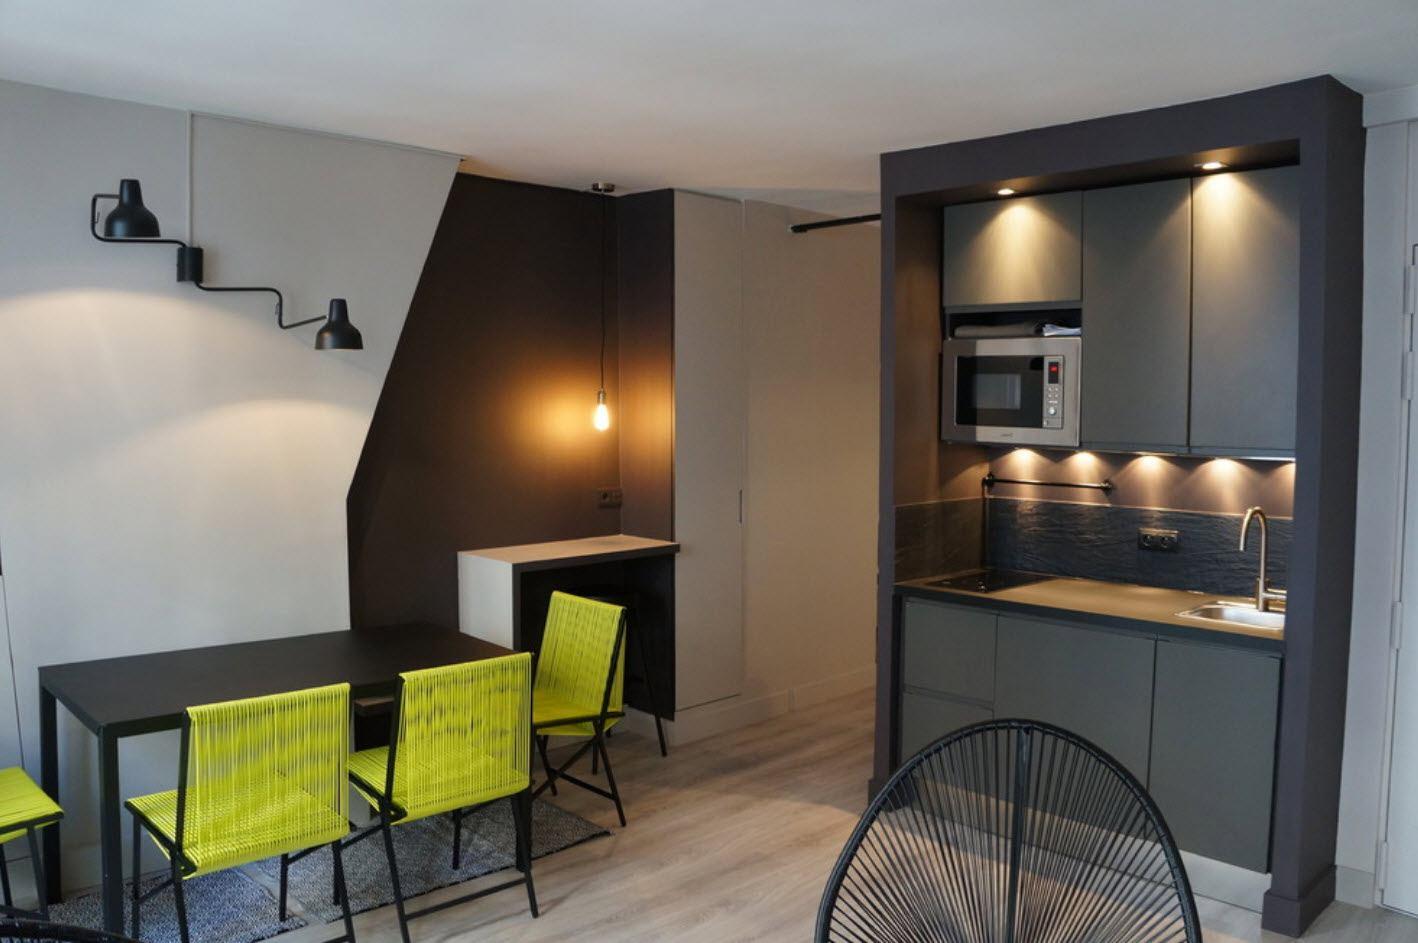 кухня ниша подсветка